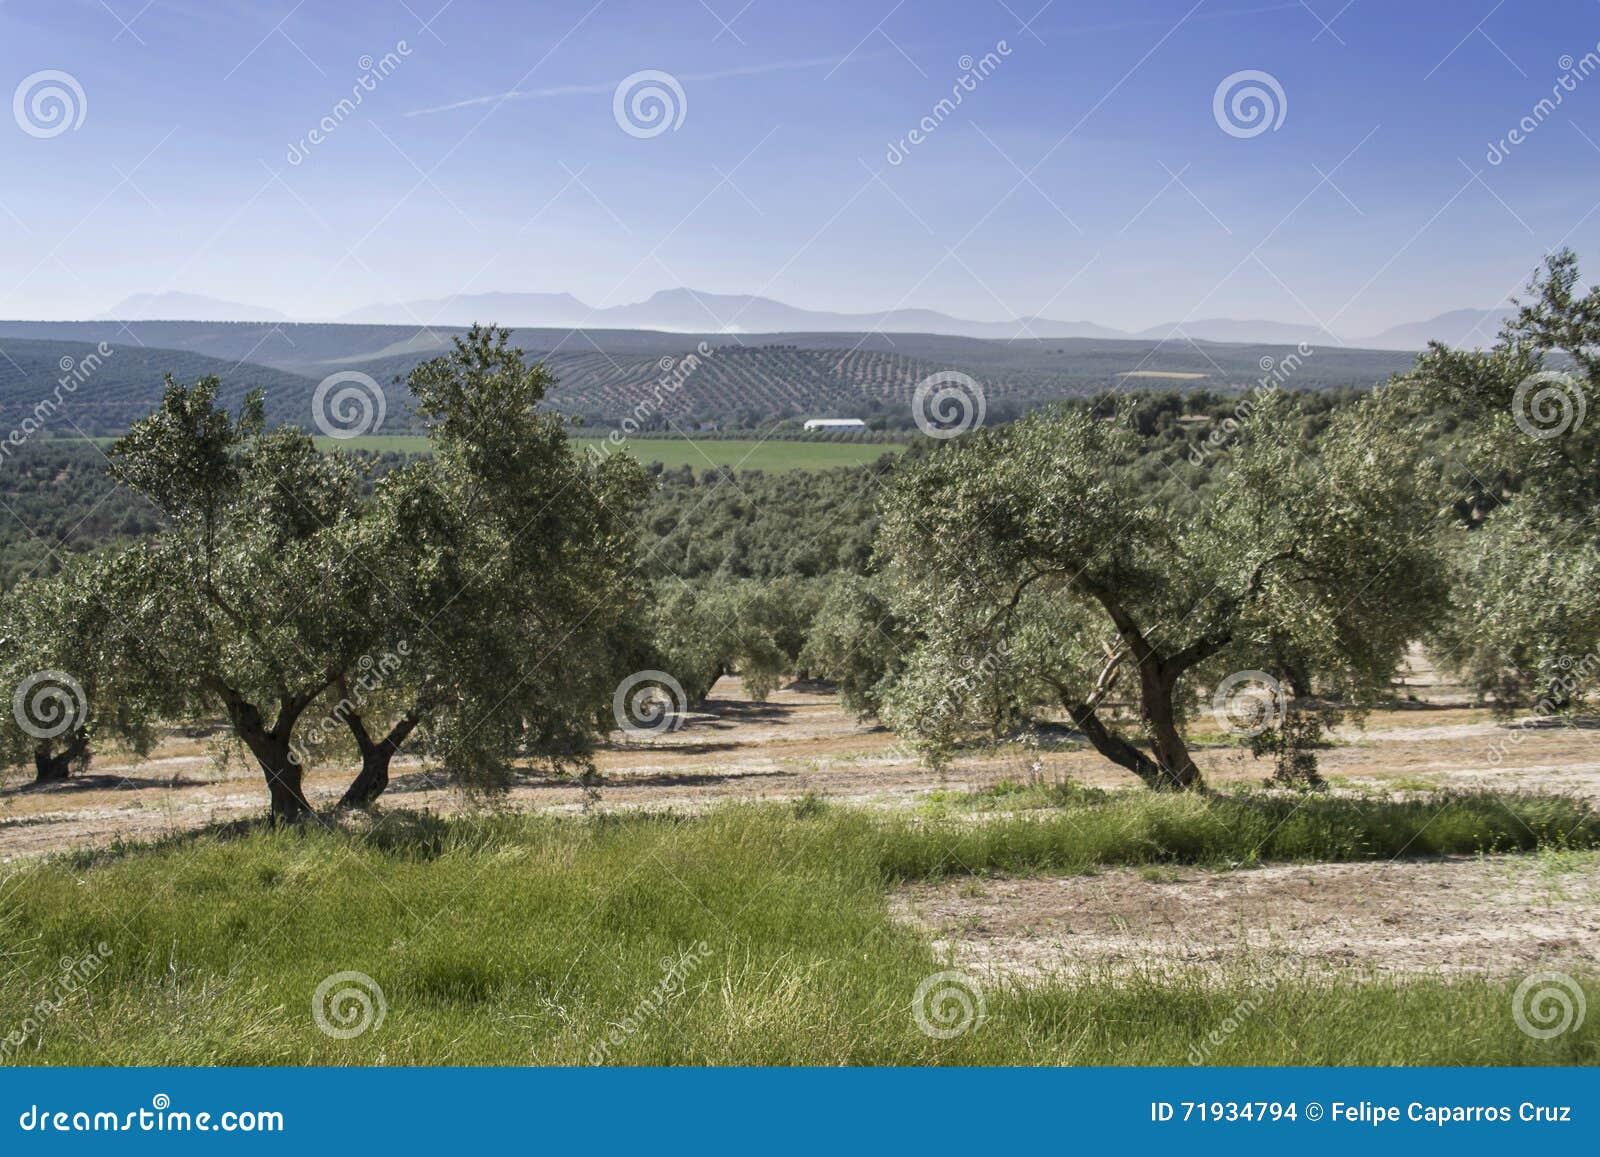 Экологическое культивирование оливковых дерев в провинции Jaen